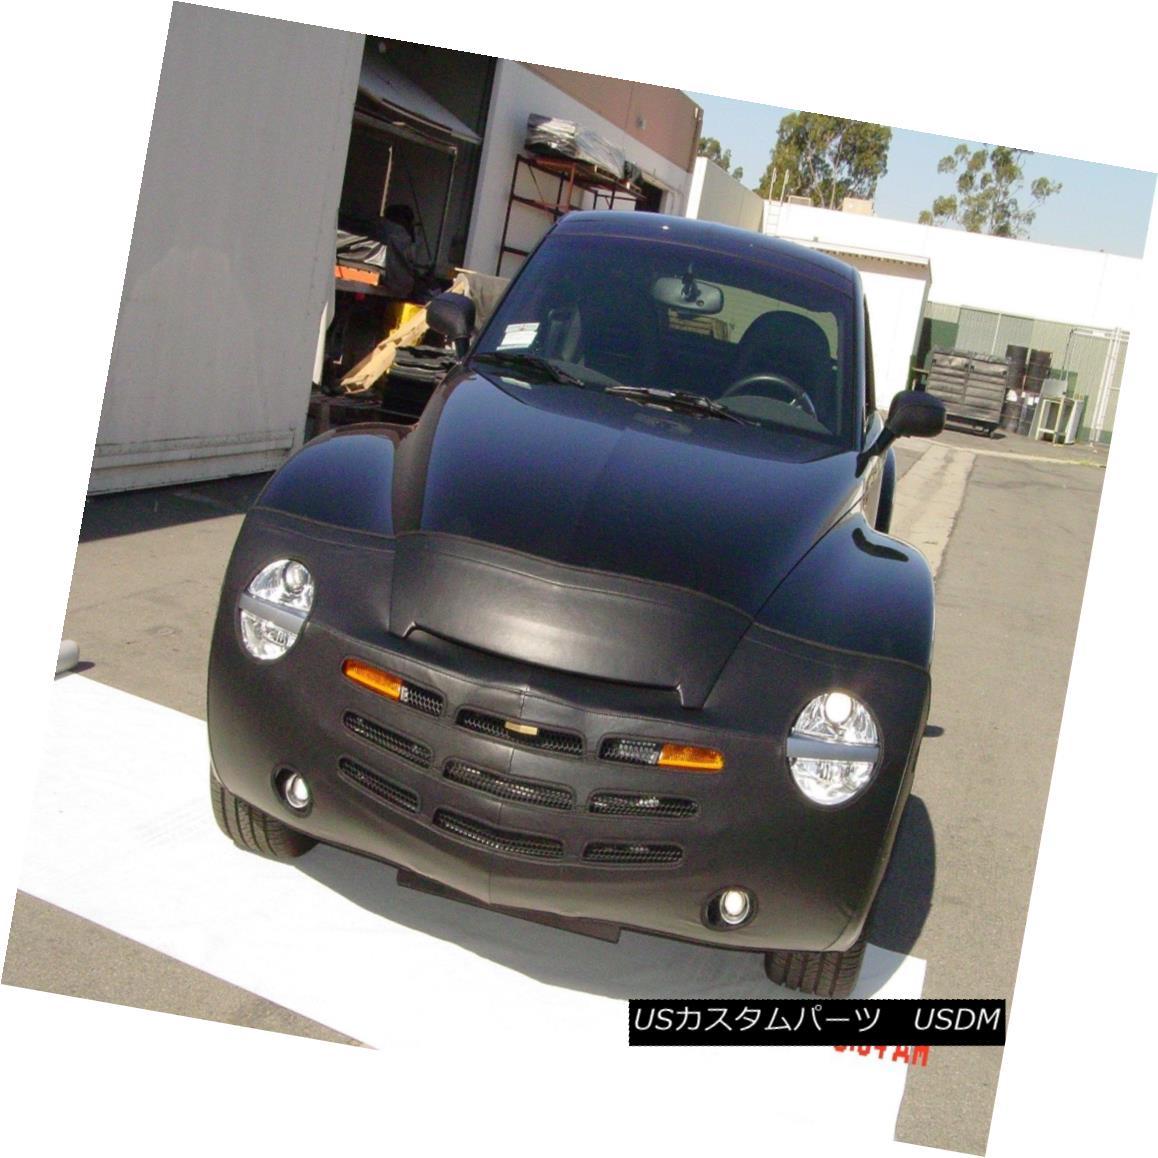 フルブラ ノーズブラ Colgan Front End Mask Bra 2pc. Fits Chevy SSR W/Lic. Plate 2003 2004 2005 2006  コルガンフロントエンドマスクブラ2pc Chevy SSR W / Licに適合します。 プレート2003 2004 2005 2006